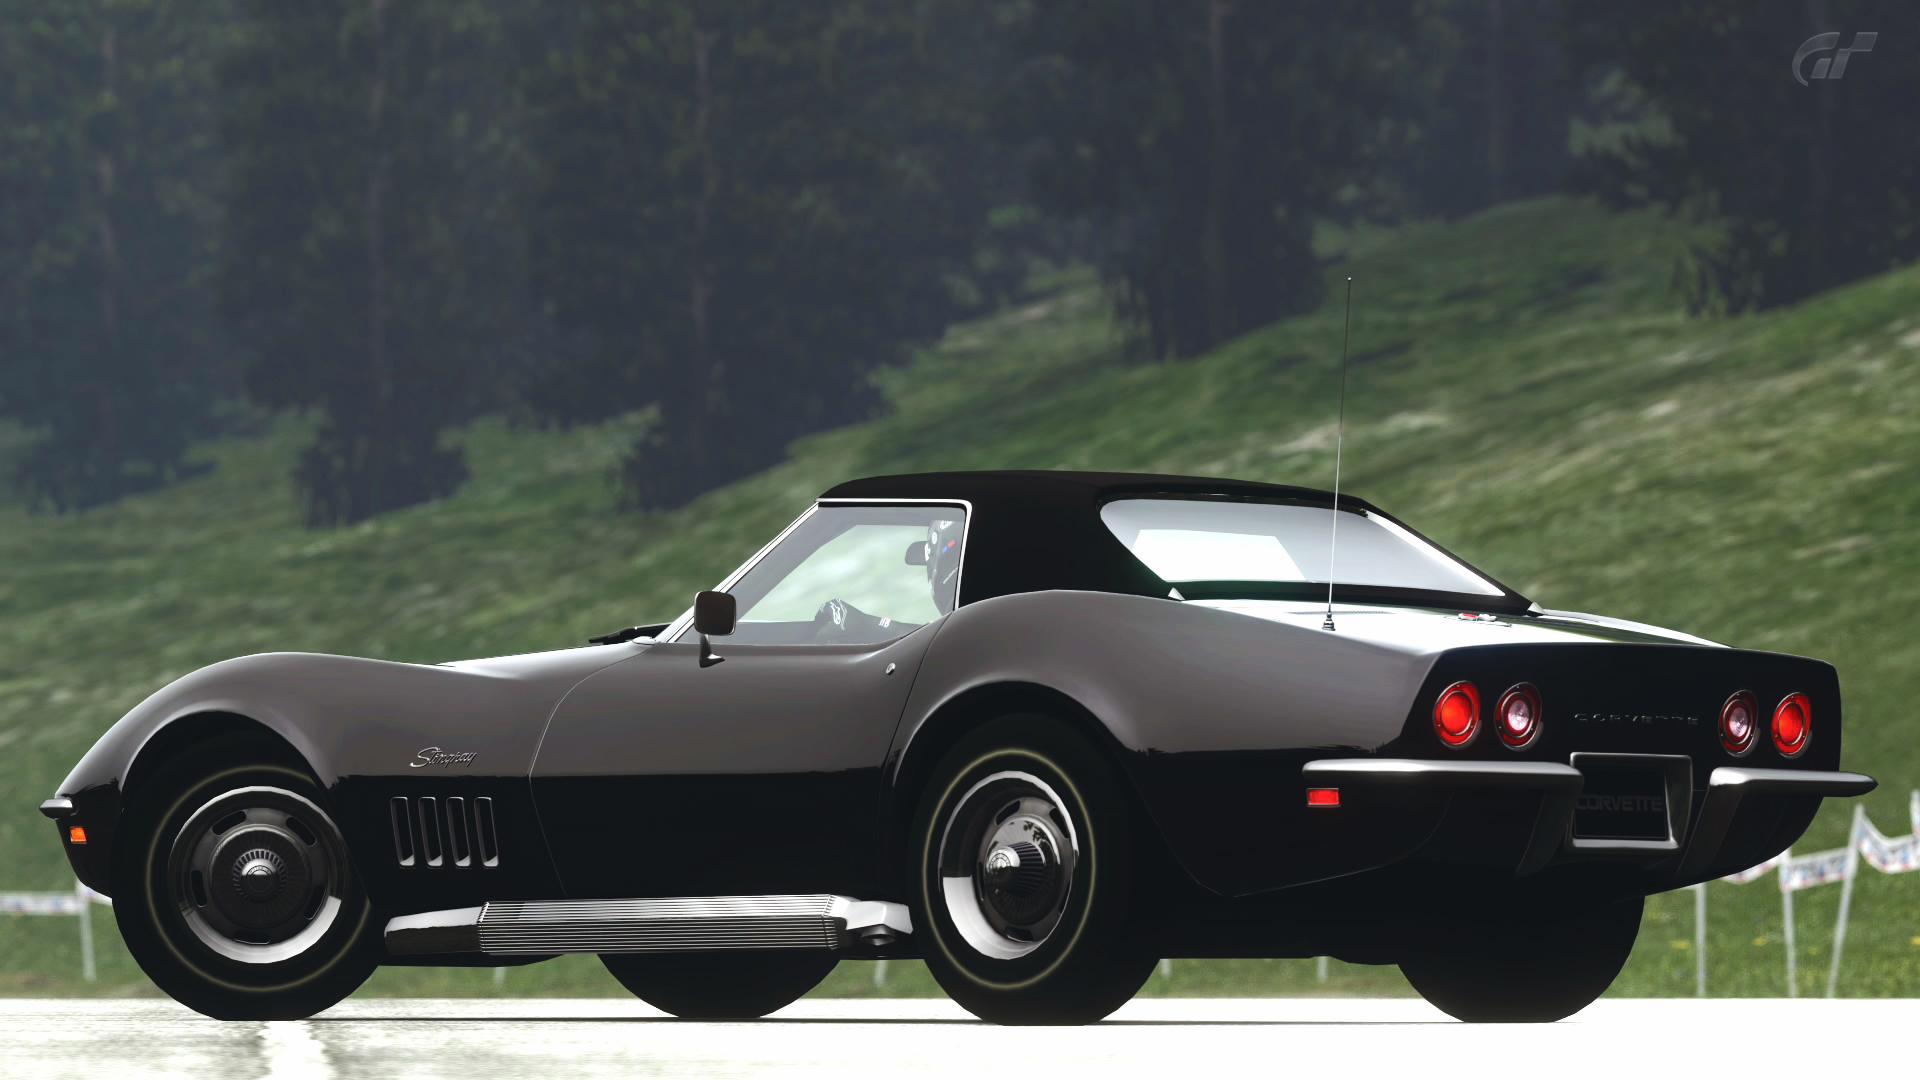 1969 corvette stingray wallpaper stingray wallpaper 1969 - Corvette Stingray 1969 Wallpaper